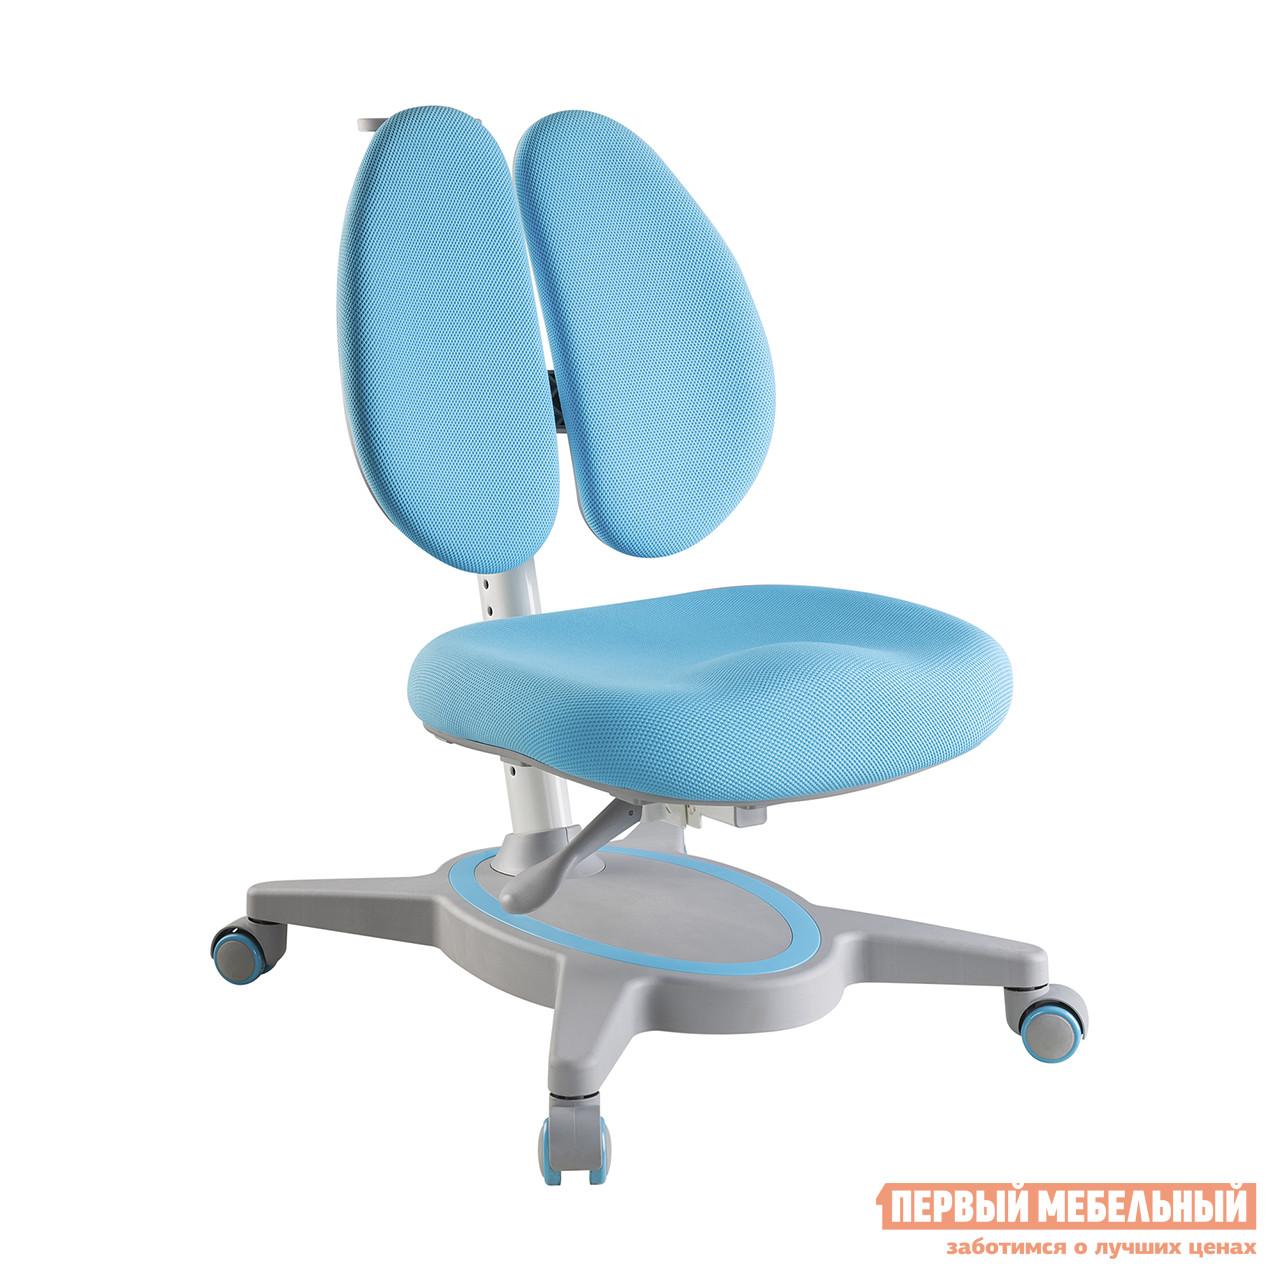 Детское компьютерное кресло СКА Группа Primavera II детское компьютерное кресло ска группа primavera i